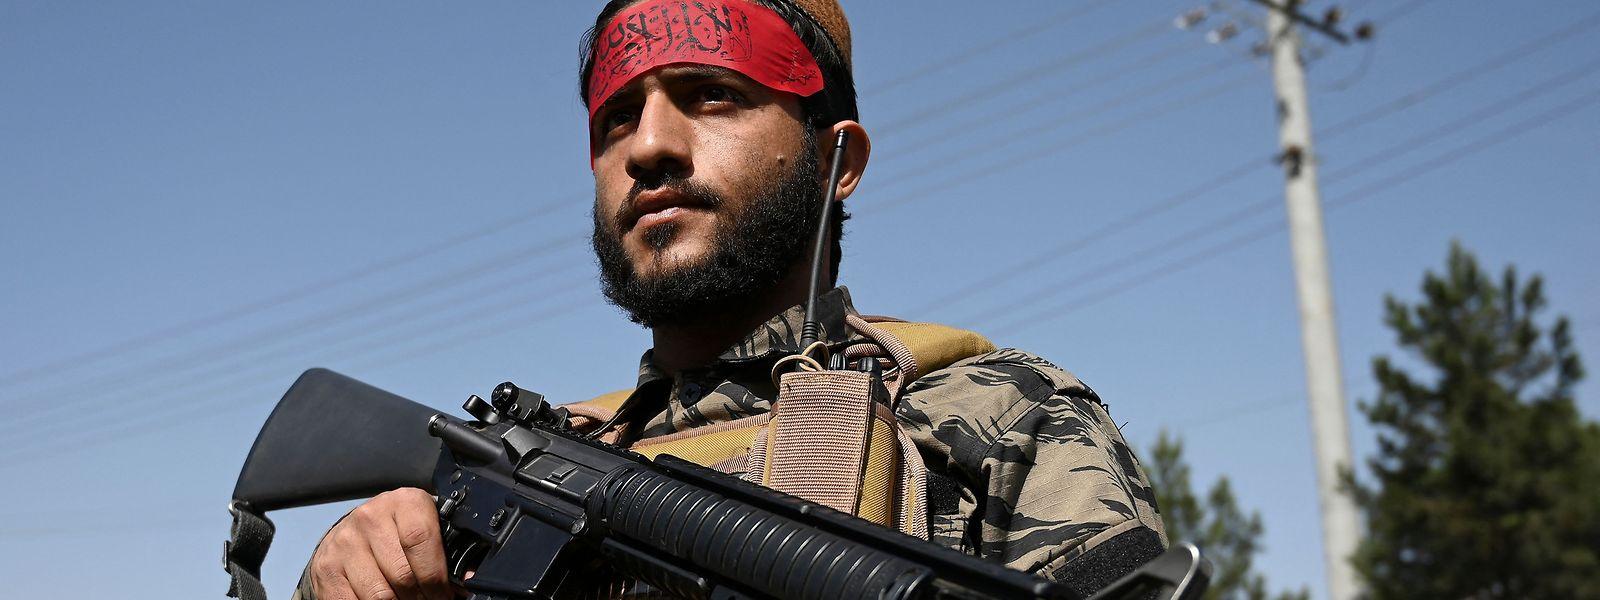 Nach dem Machtwechsel in Kabul wollen sich einige Mineralölkonzerne mit den Taliban arrangieren, um den Bau einer Pipeline, die durch Afghanistan führt, voranzutreiben.